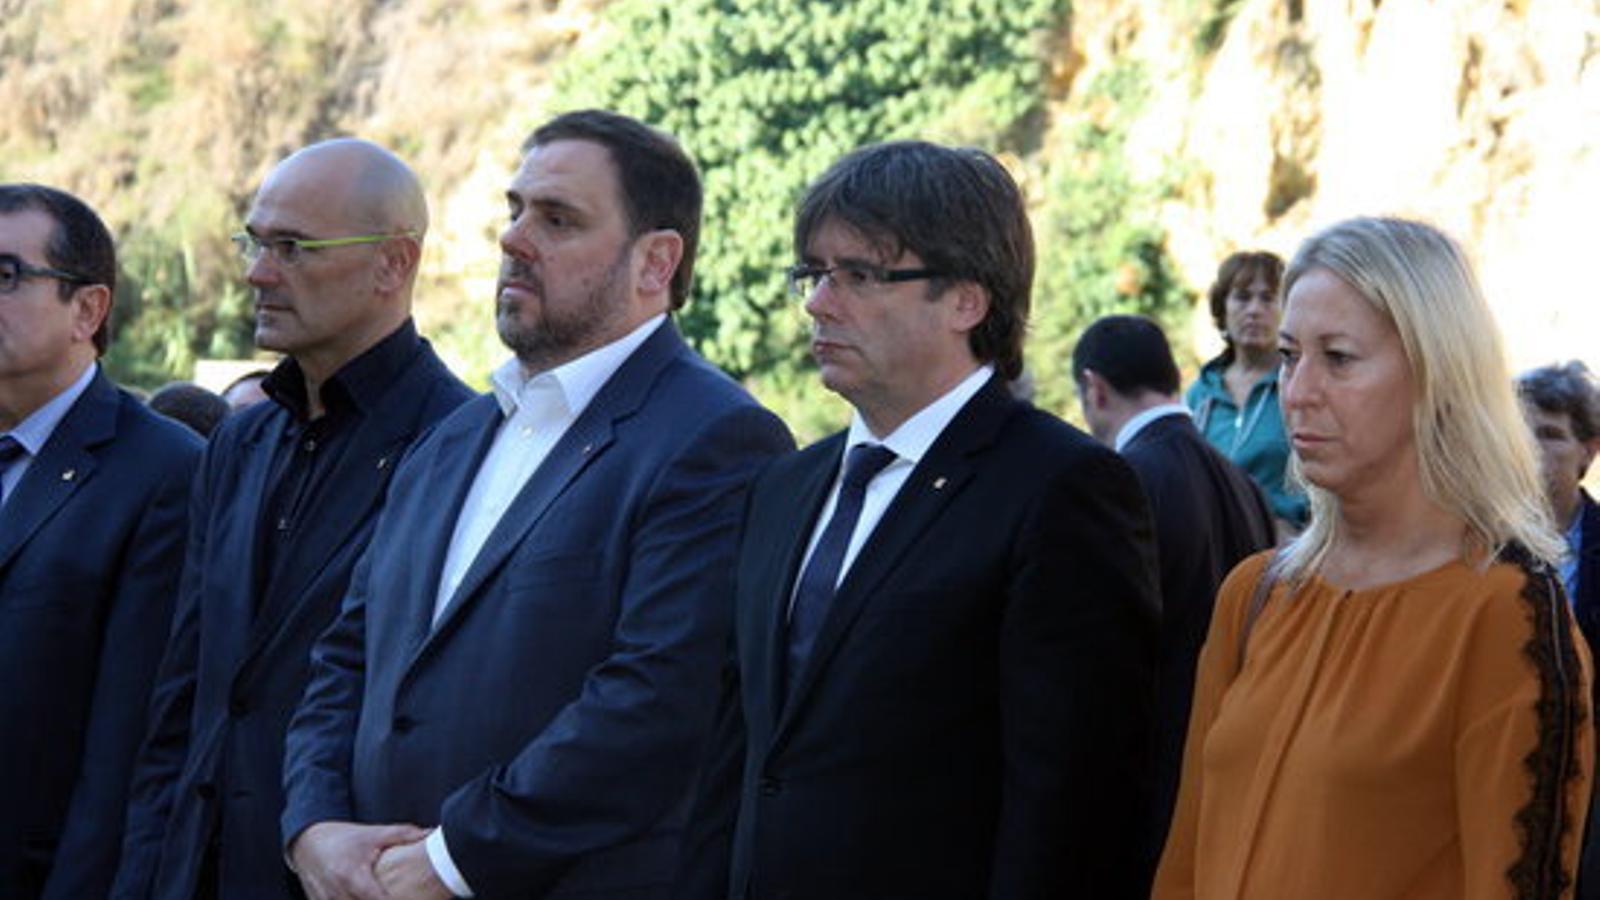 Romeva, Junqueras, Puigdemont i Munté davant la tomba de Companys al fossar de la Pedrera